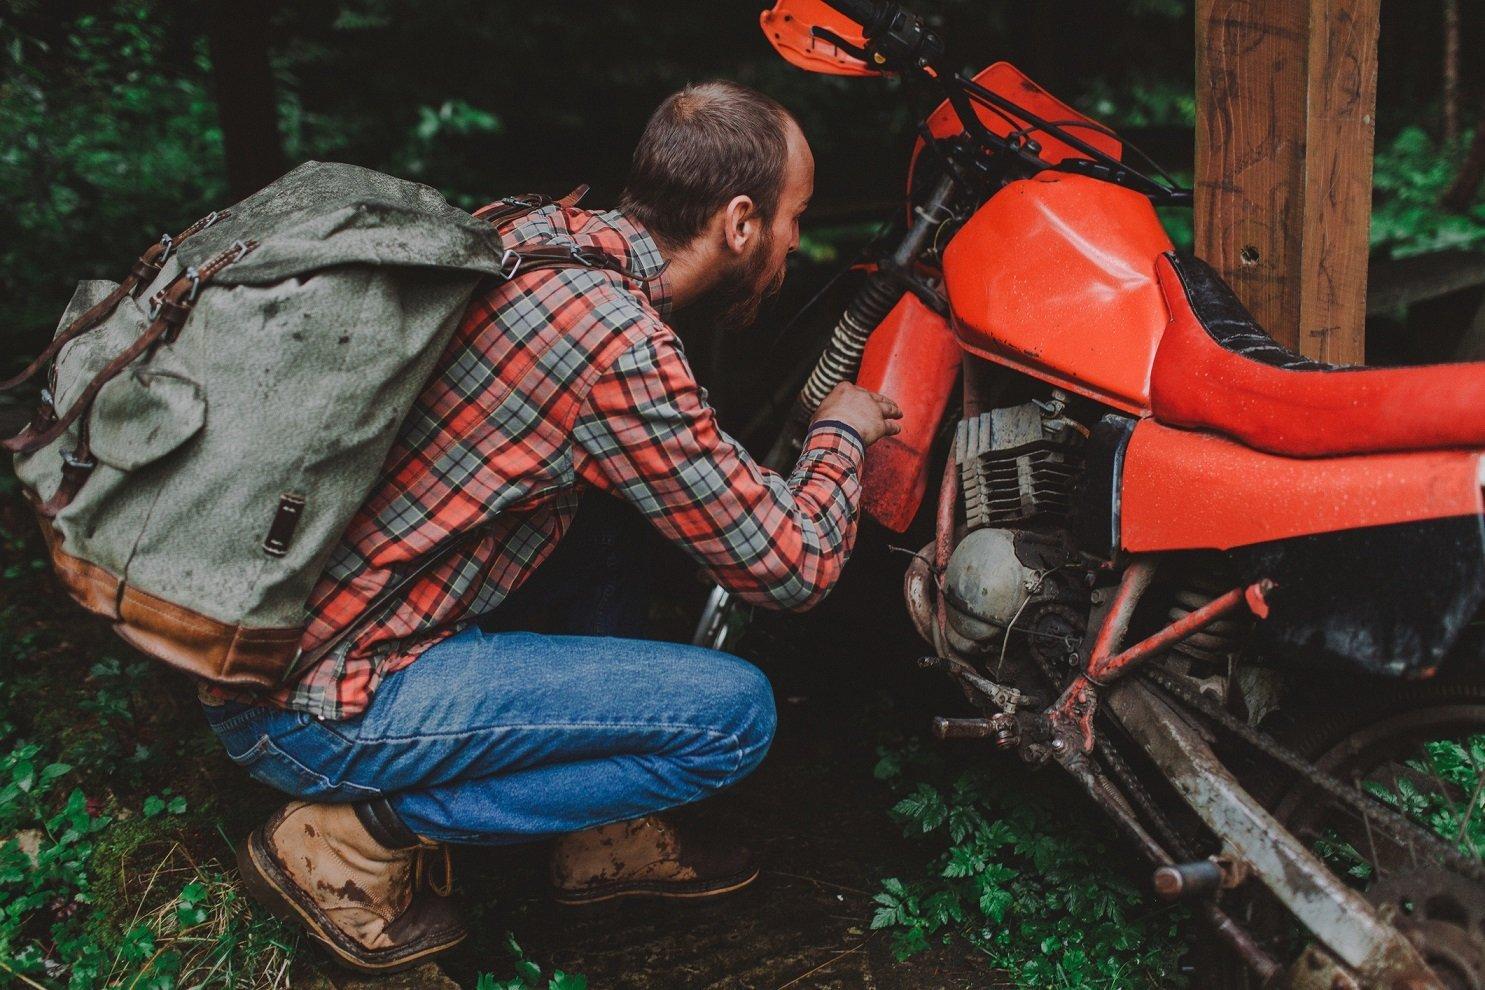 Top 5 Best Motorcycle Backpacks With Helmet Holders